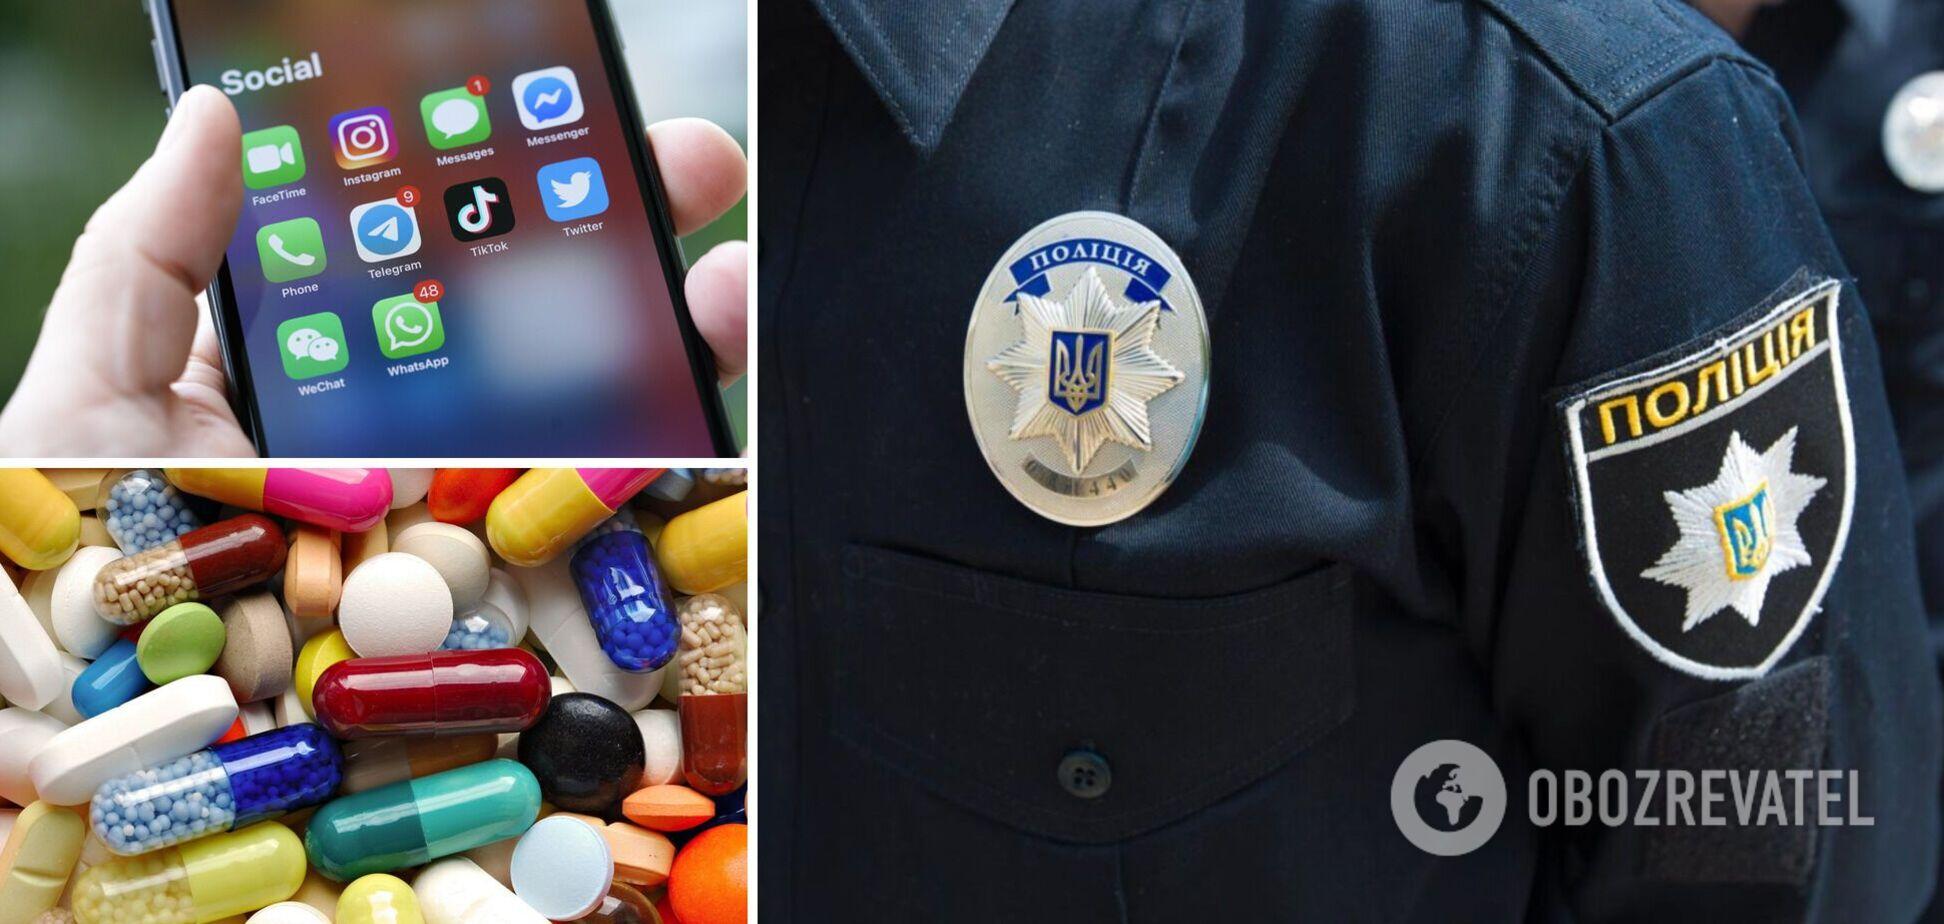 Волна отравлений среди подростков в Украине: полиция предупредила об опасности в сети и обратилась к родителям